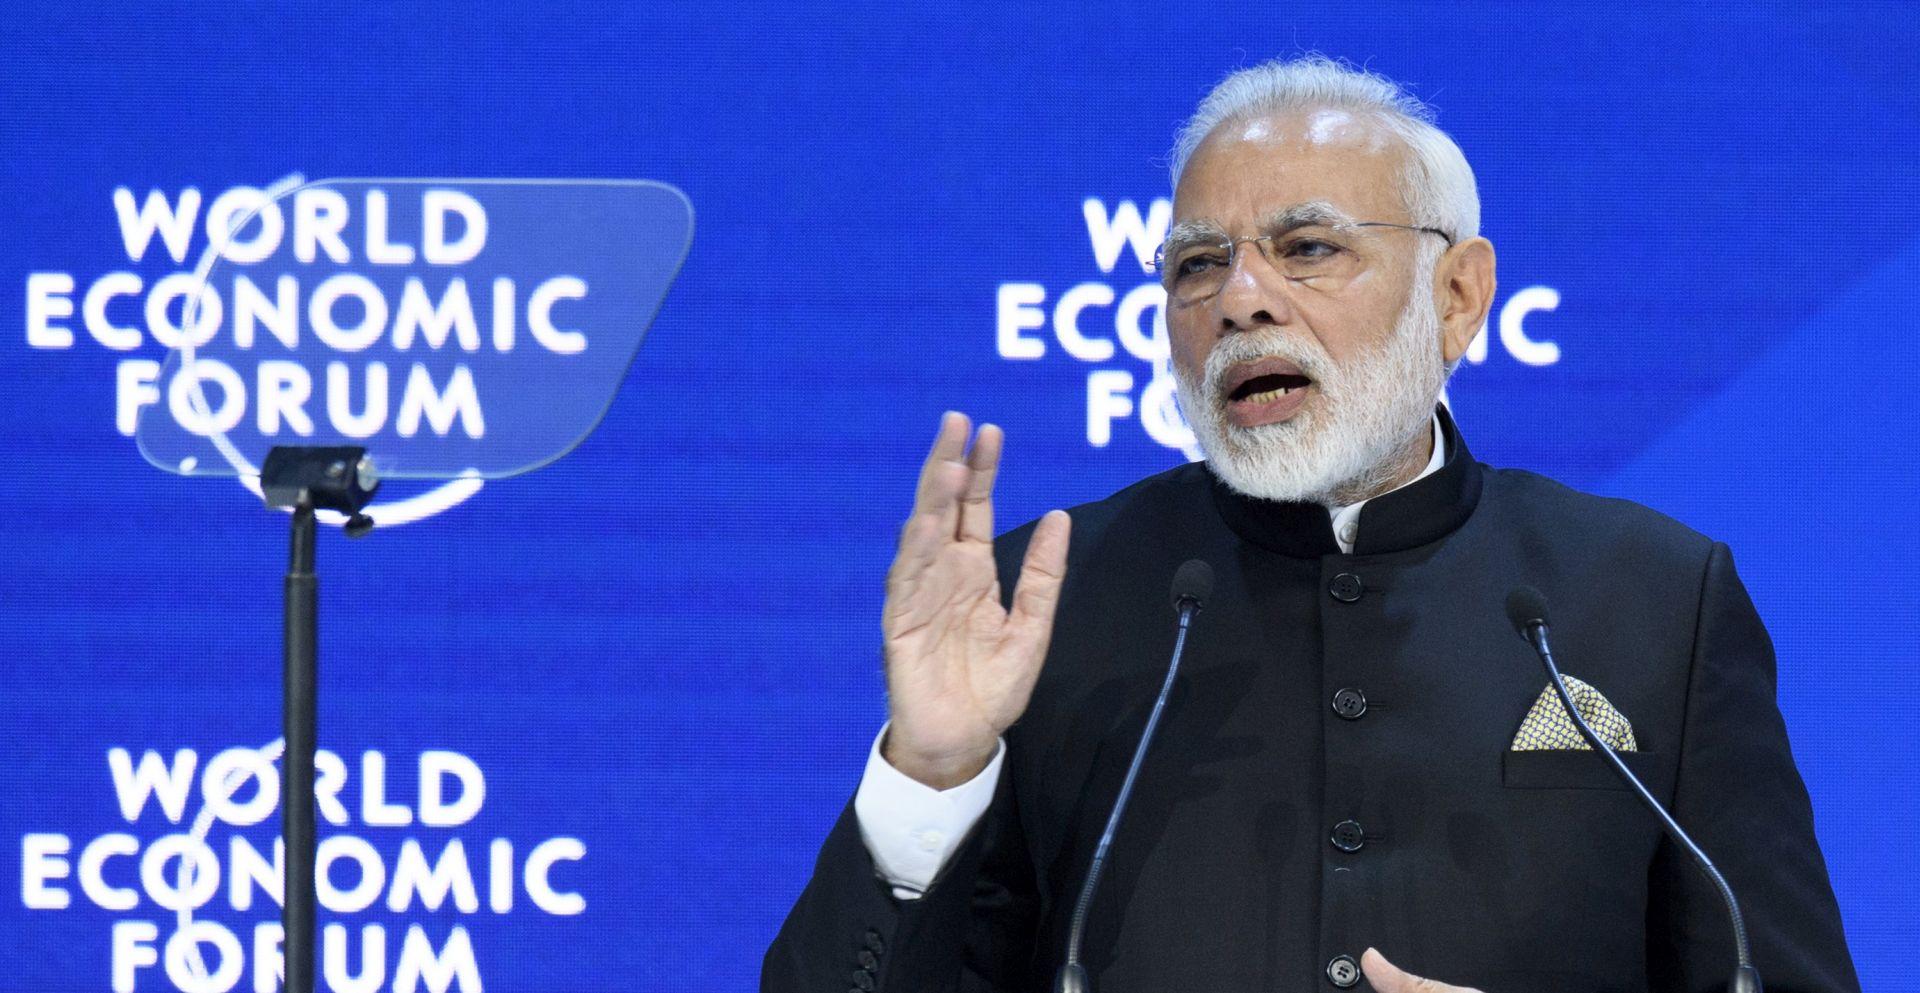 Indijski premijer u Davosu rekao da globalizacija gubi na privlačnosti